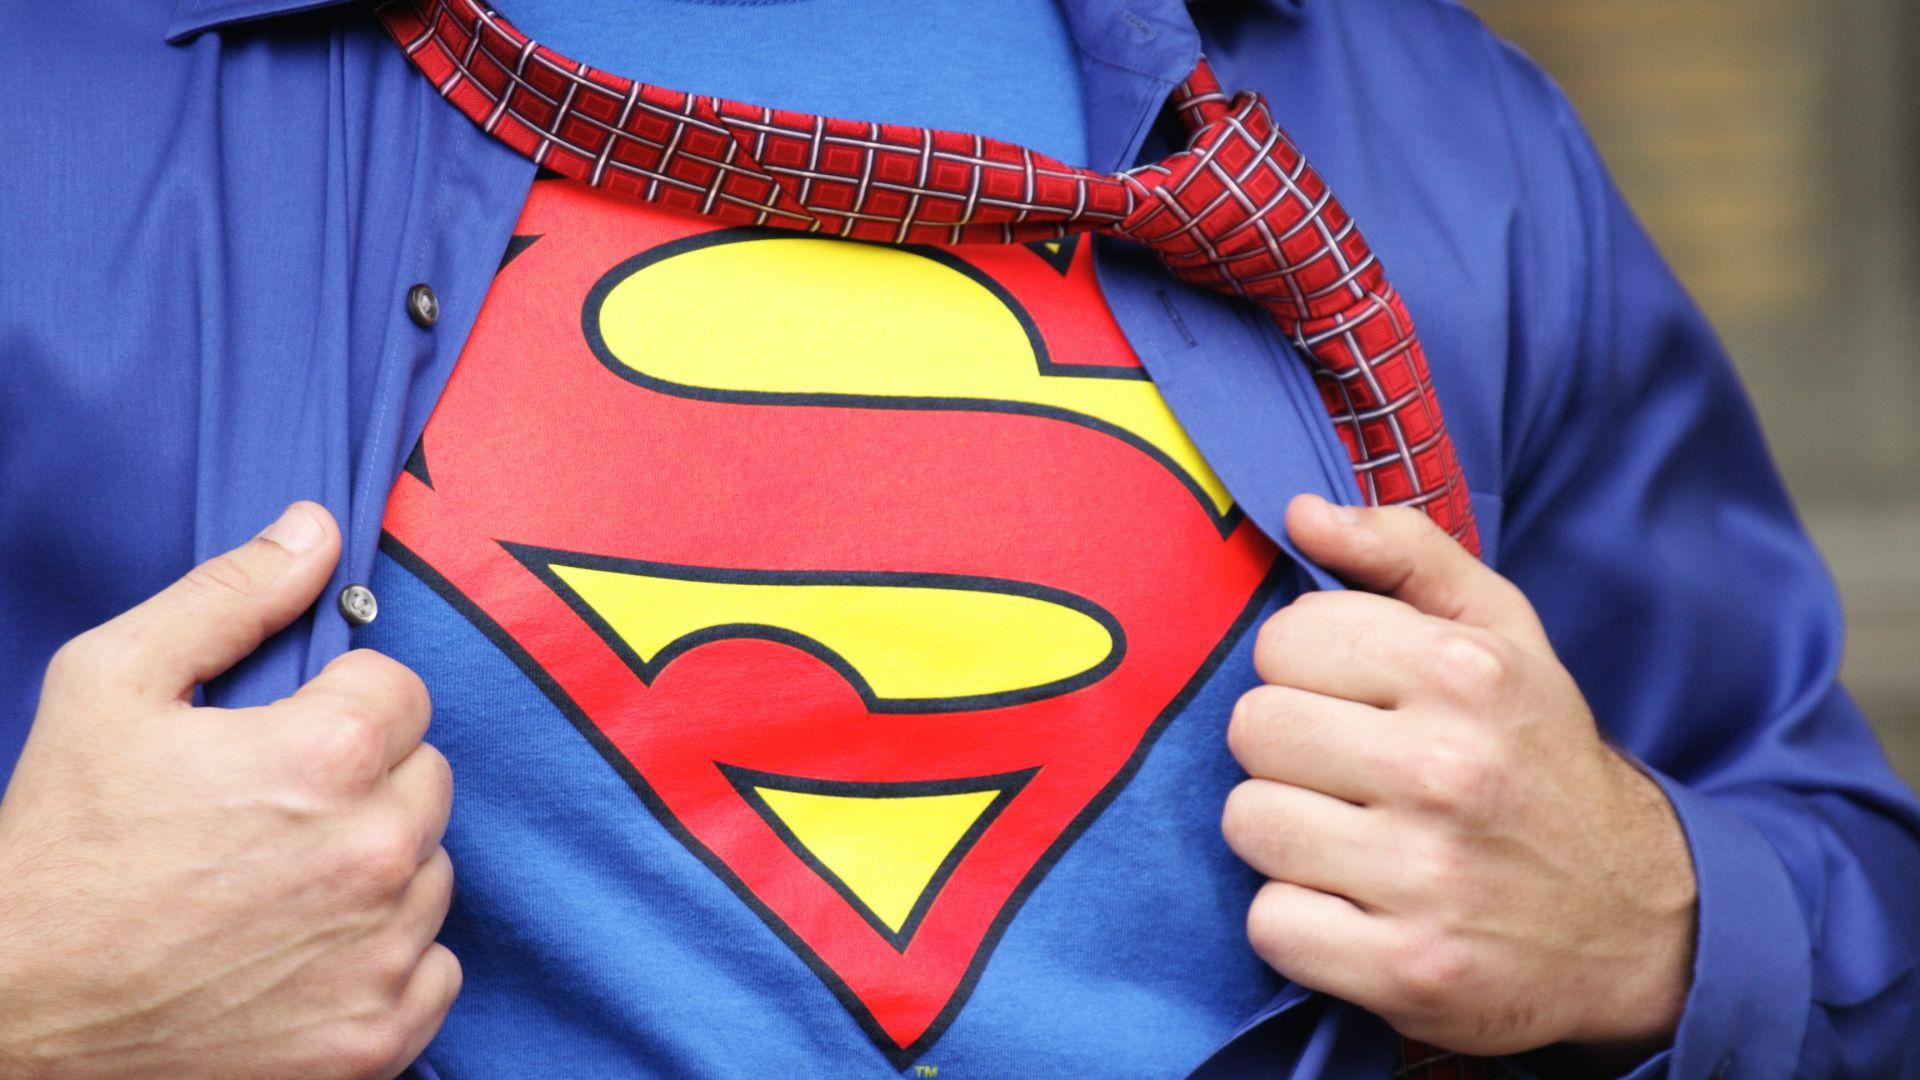 Трогателната история на детето, заклеймено като лъжец в училище, защото казало, че Супермен е негов чичо